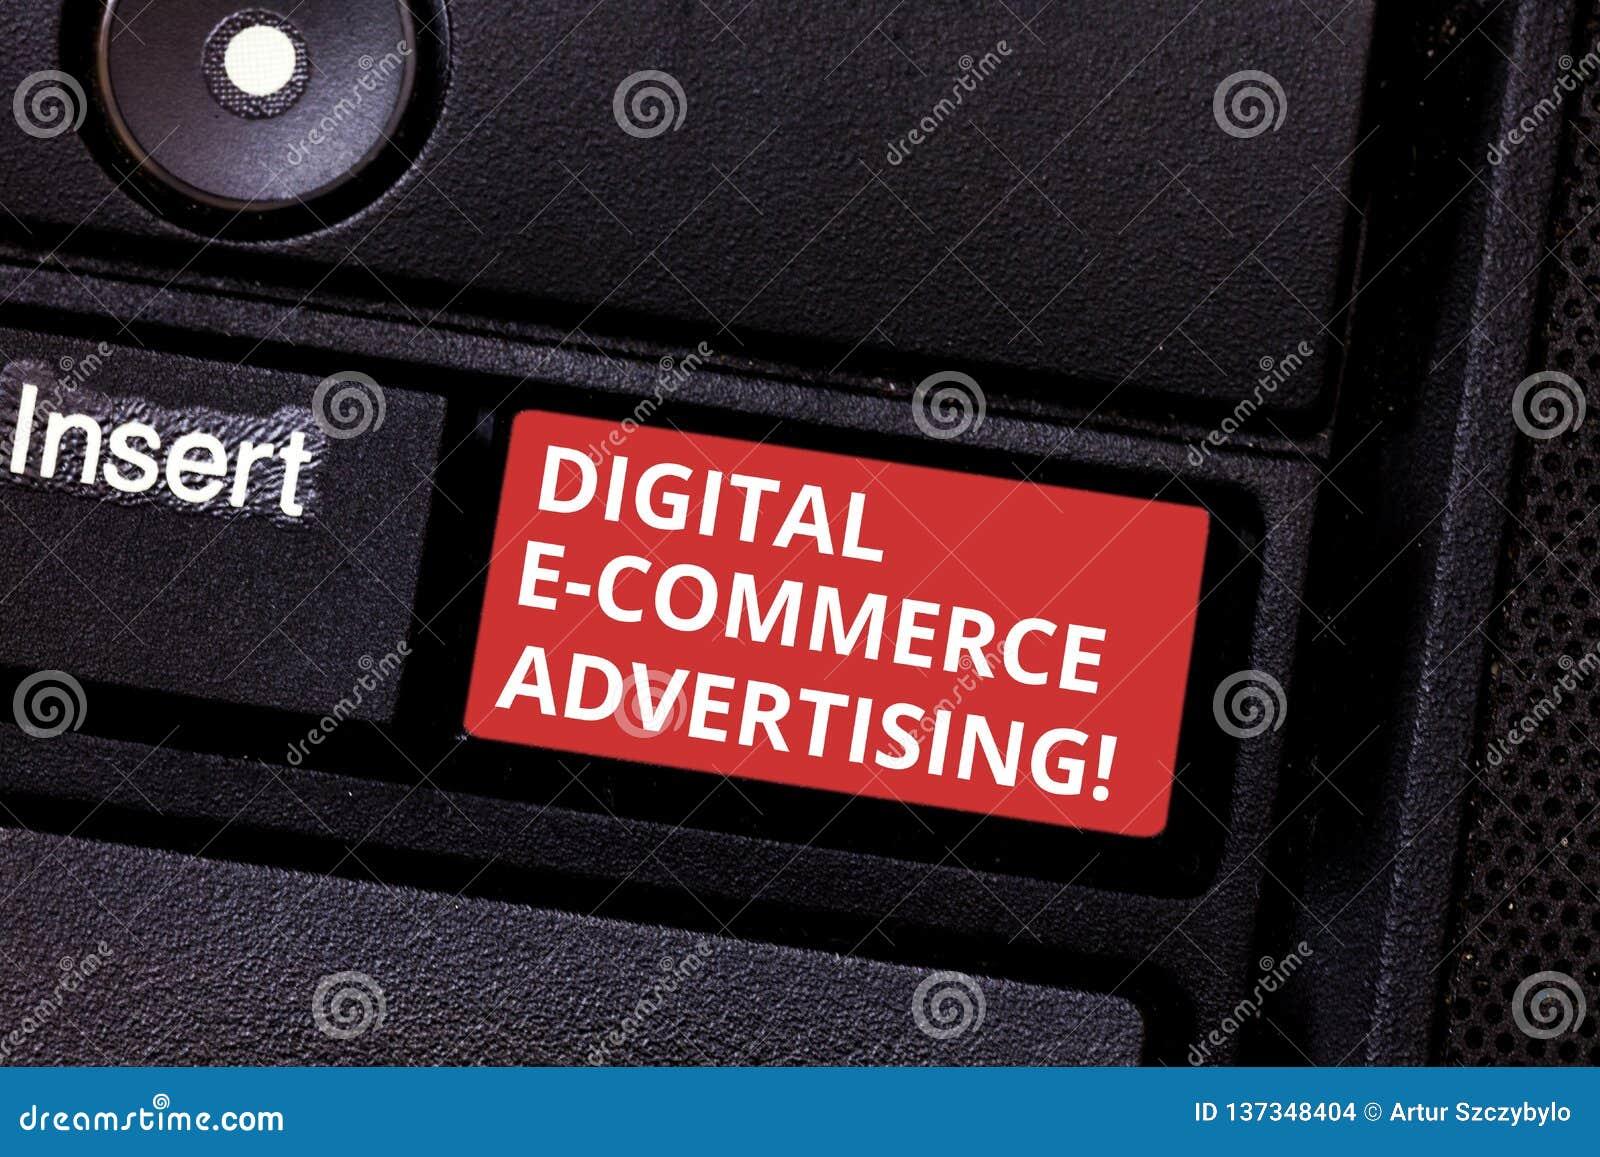 Σημάδι κειμένων που παρουσιάζει ψηφιακή διαφήμιση ηλεκτρονικού εμπορίου Εννοιολογικές εμπορικές συναλλαγές φωτογραφιών των αγαθών